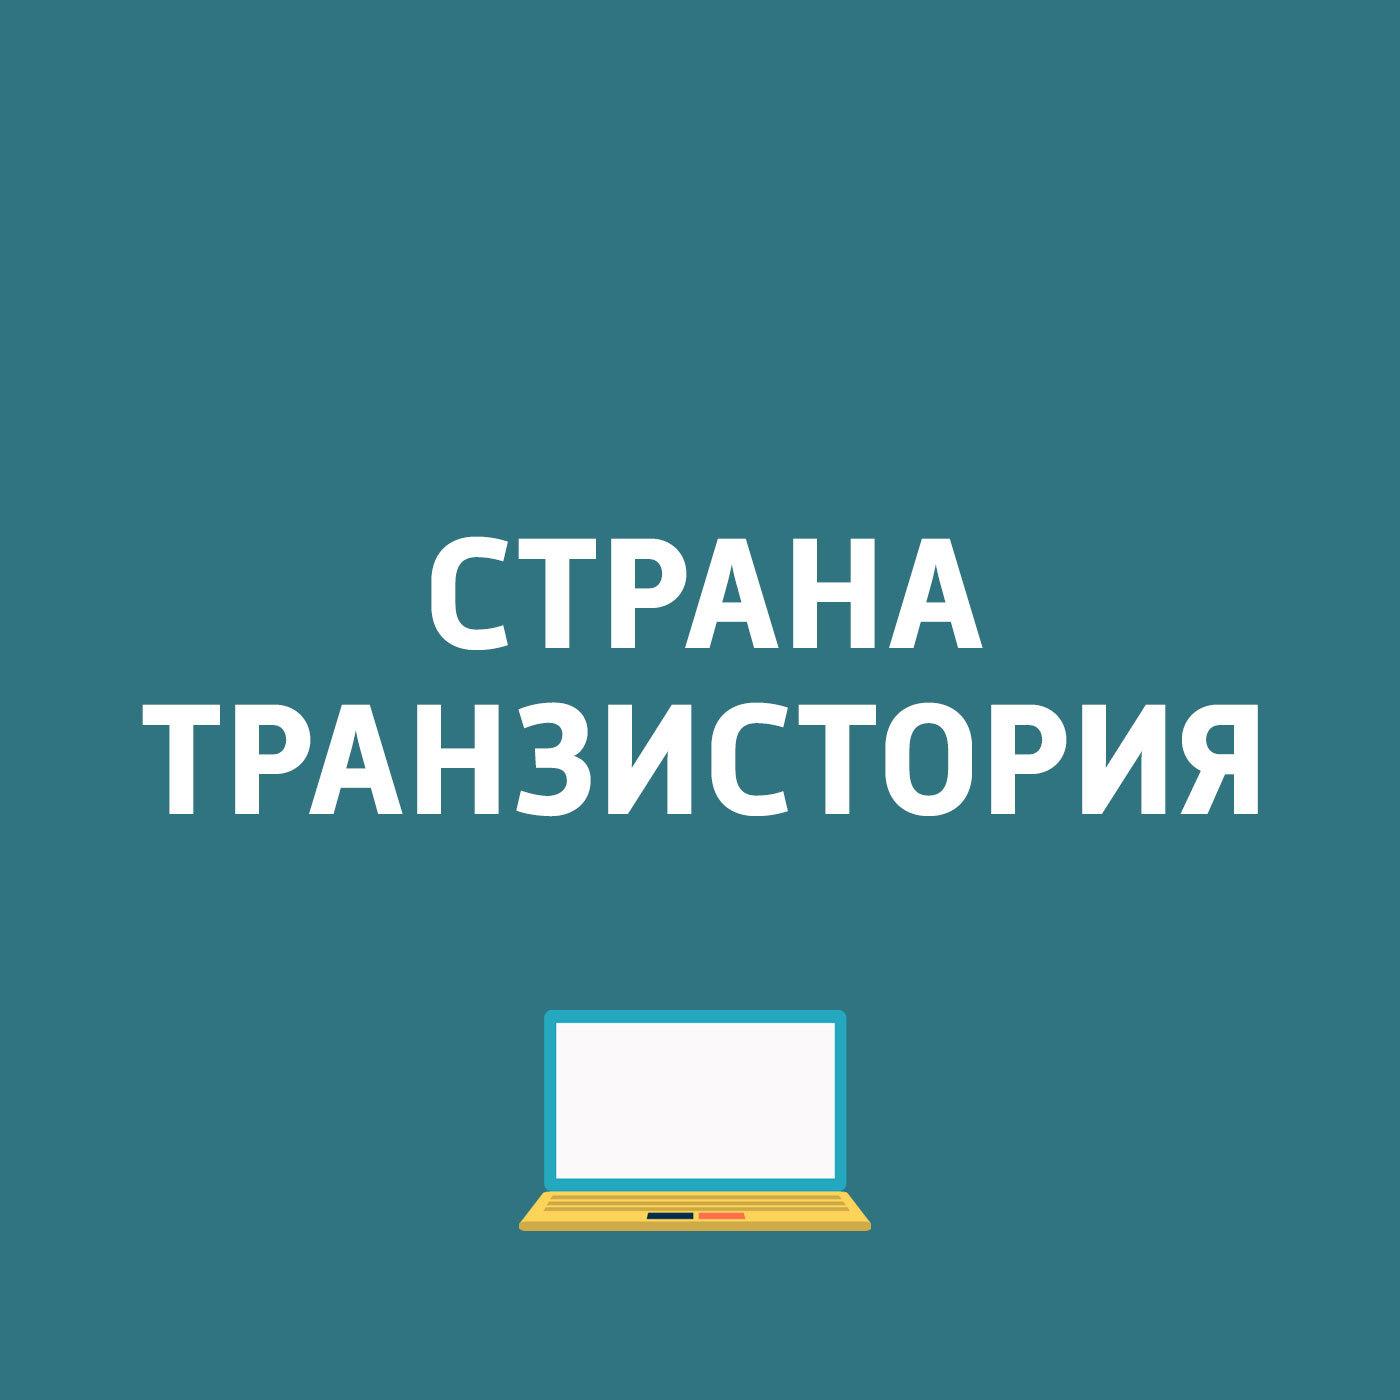 Картаев Павел Yotafone, новые ревизии iPhone картаев павел ноутбук xiaomi оффлайн режим в facebook